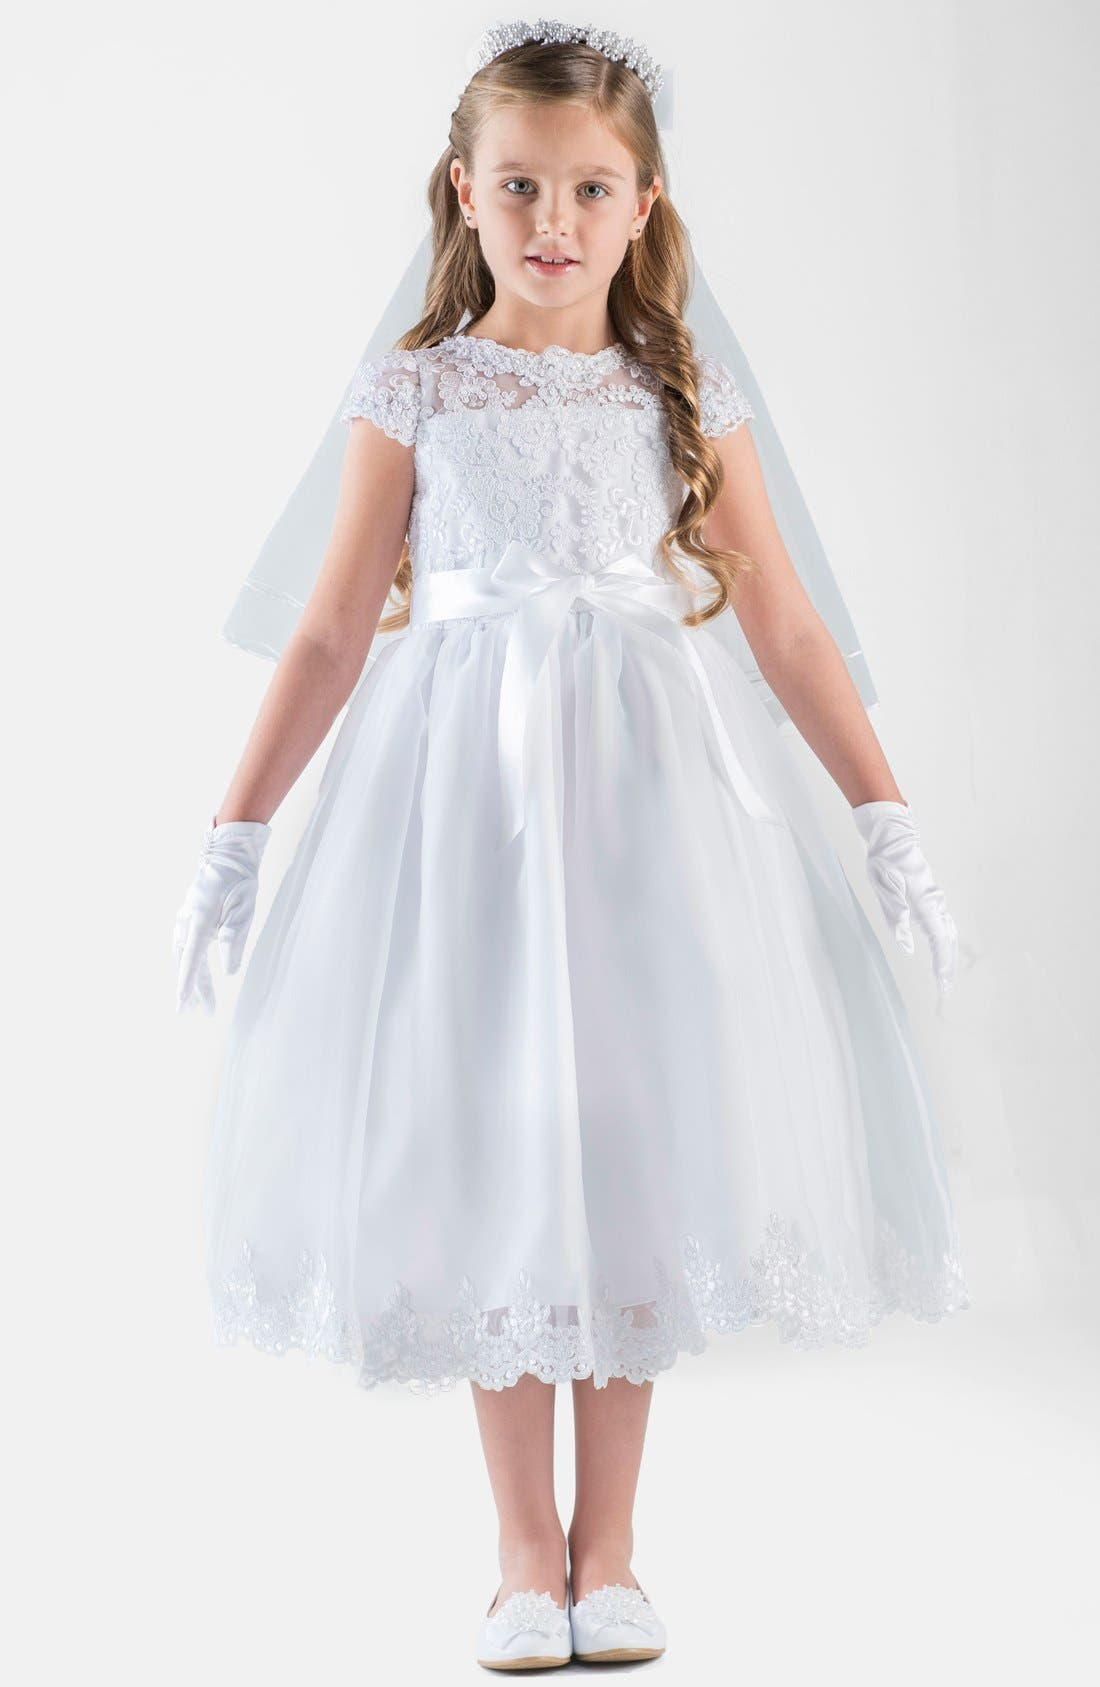 Formal Dress for Girls